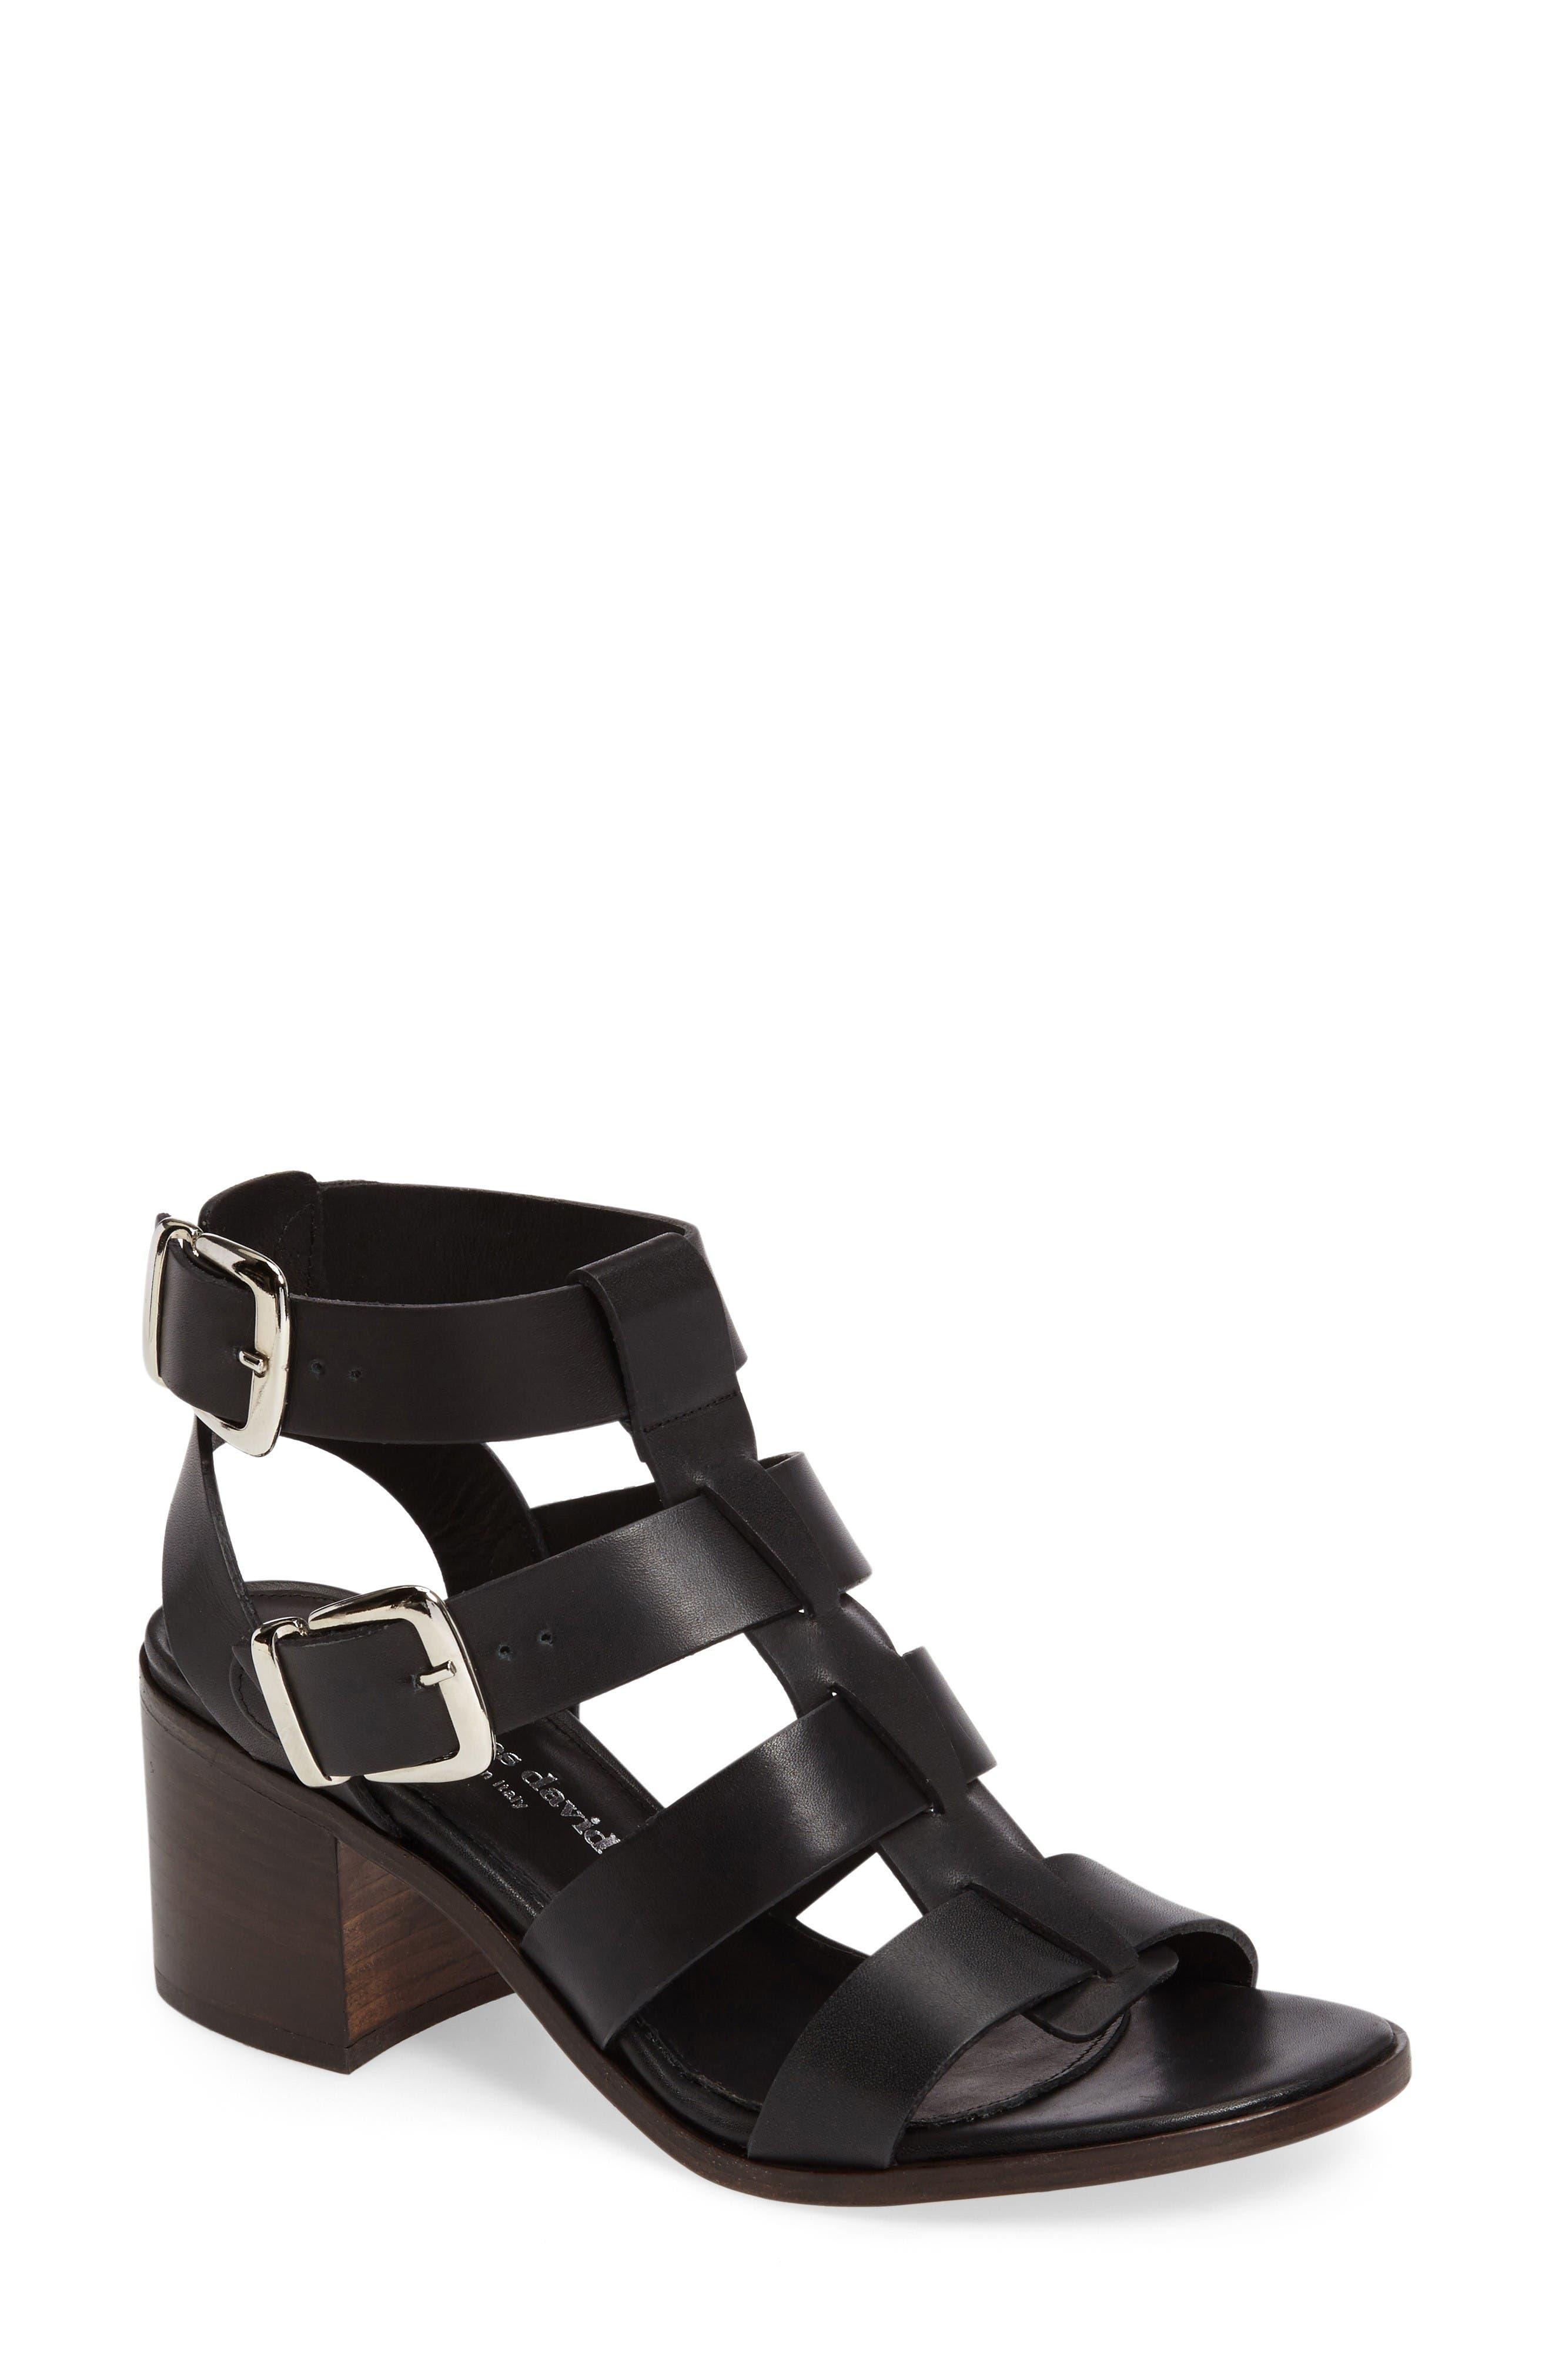 Alternate Image 1 Selected - Charles David Bronson Block Heel Sandal (Women)